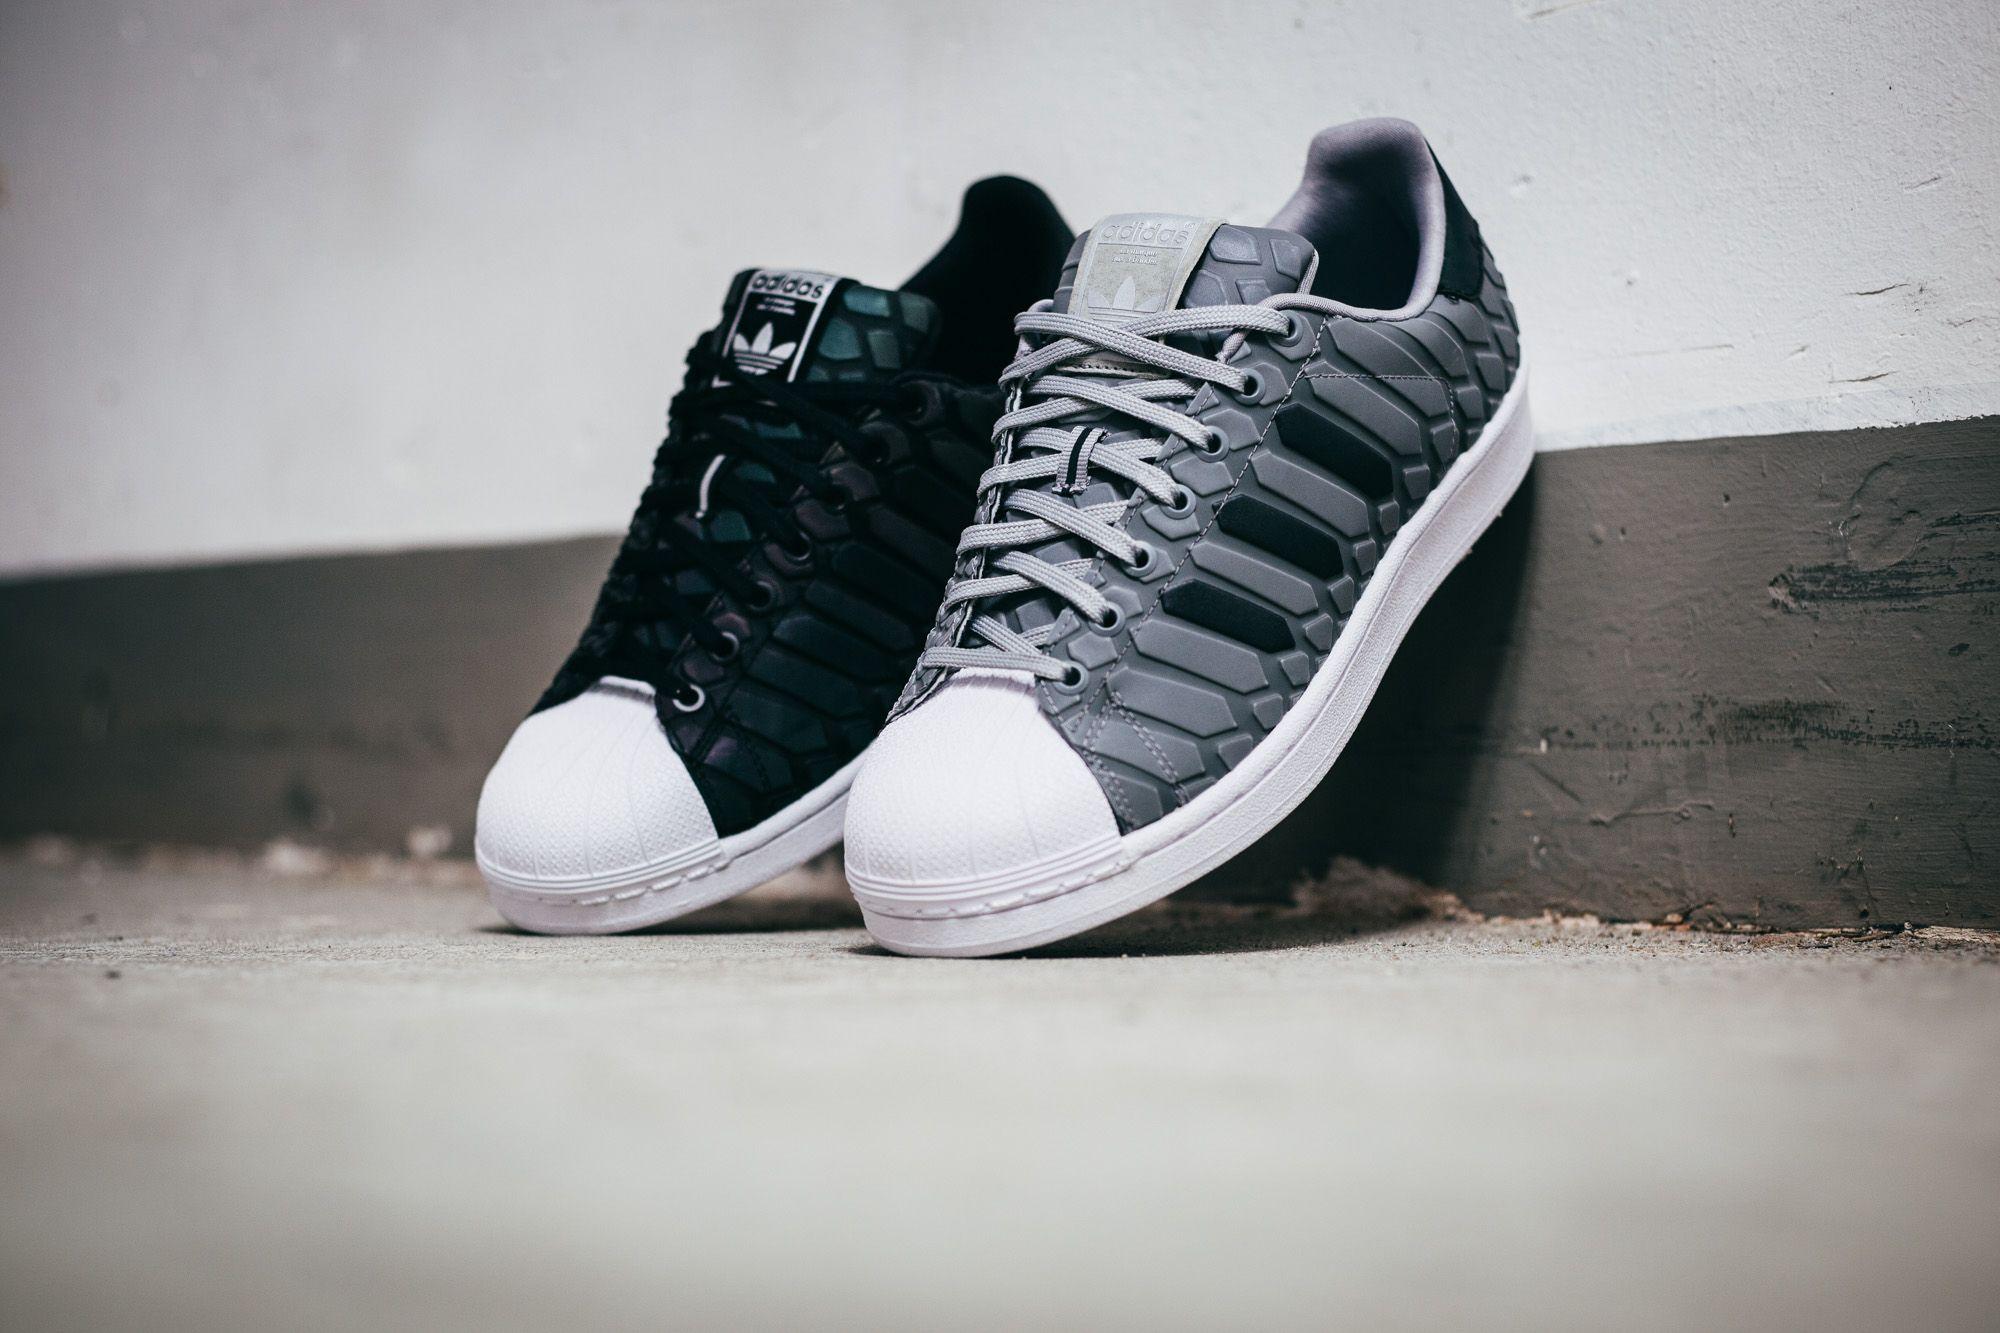 best website 1c9af 7e648 ... promo code for adidas originals superstar sneaker low collegiate navy  white zalando .de 7d846 0bd48